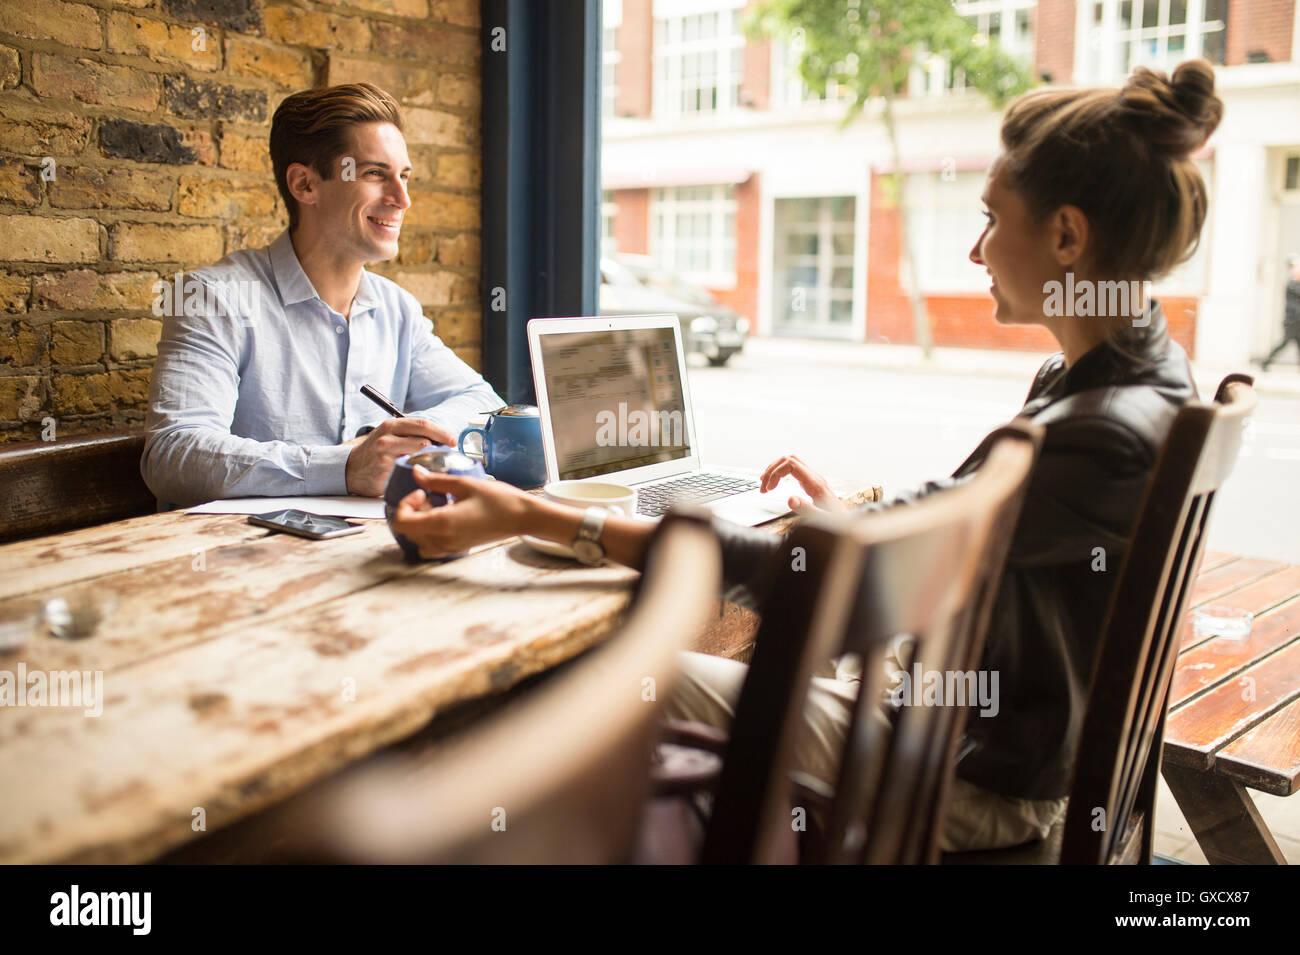 Empresario y mujer trabajando en el cafe, Londres, Reino Unido. Imagen De Stock